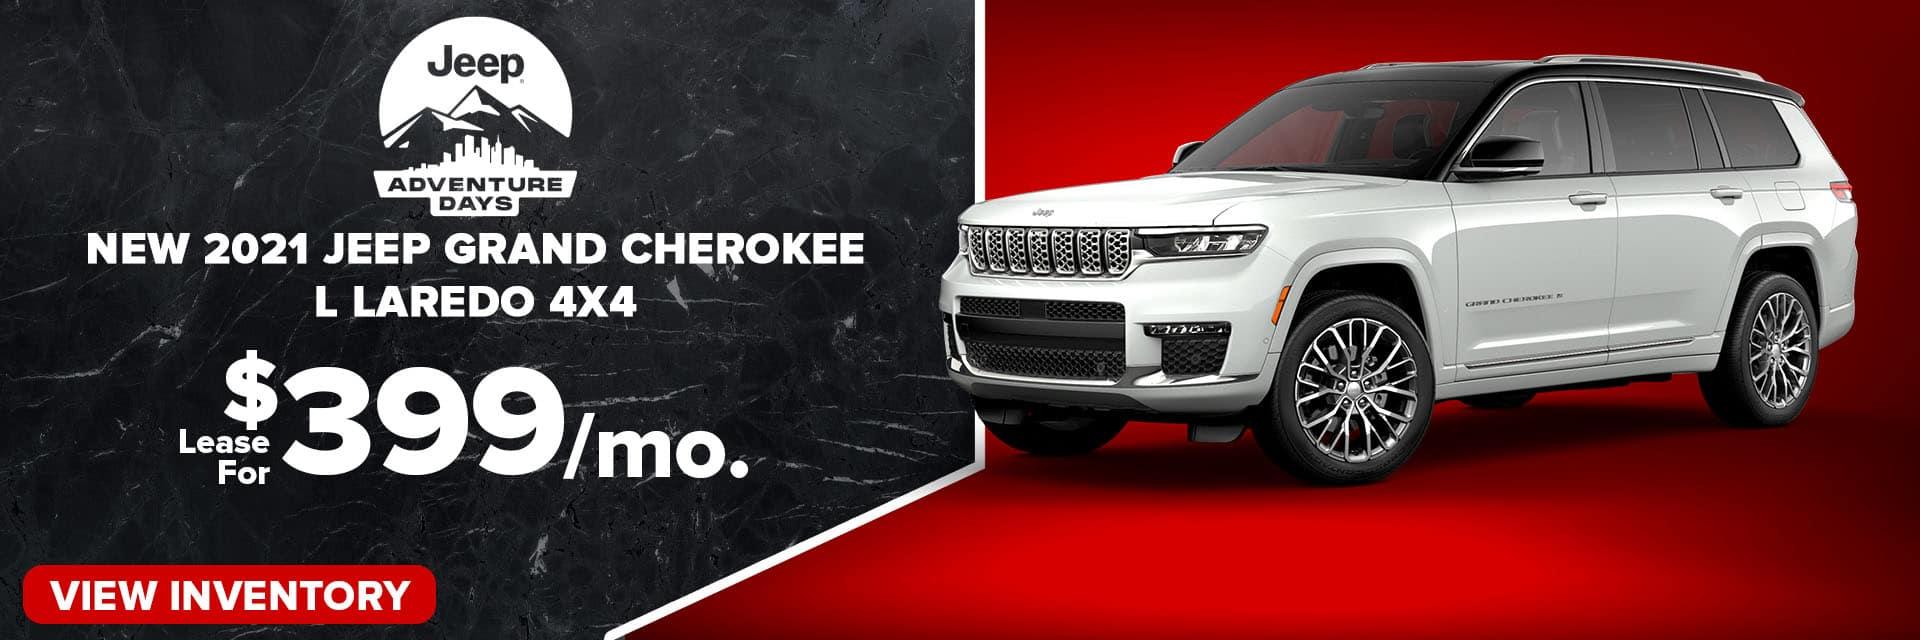 SLCJ-September 2021-2021 Jeep Grand Cherokee copy